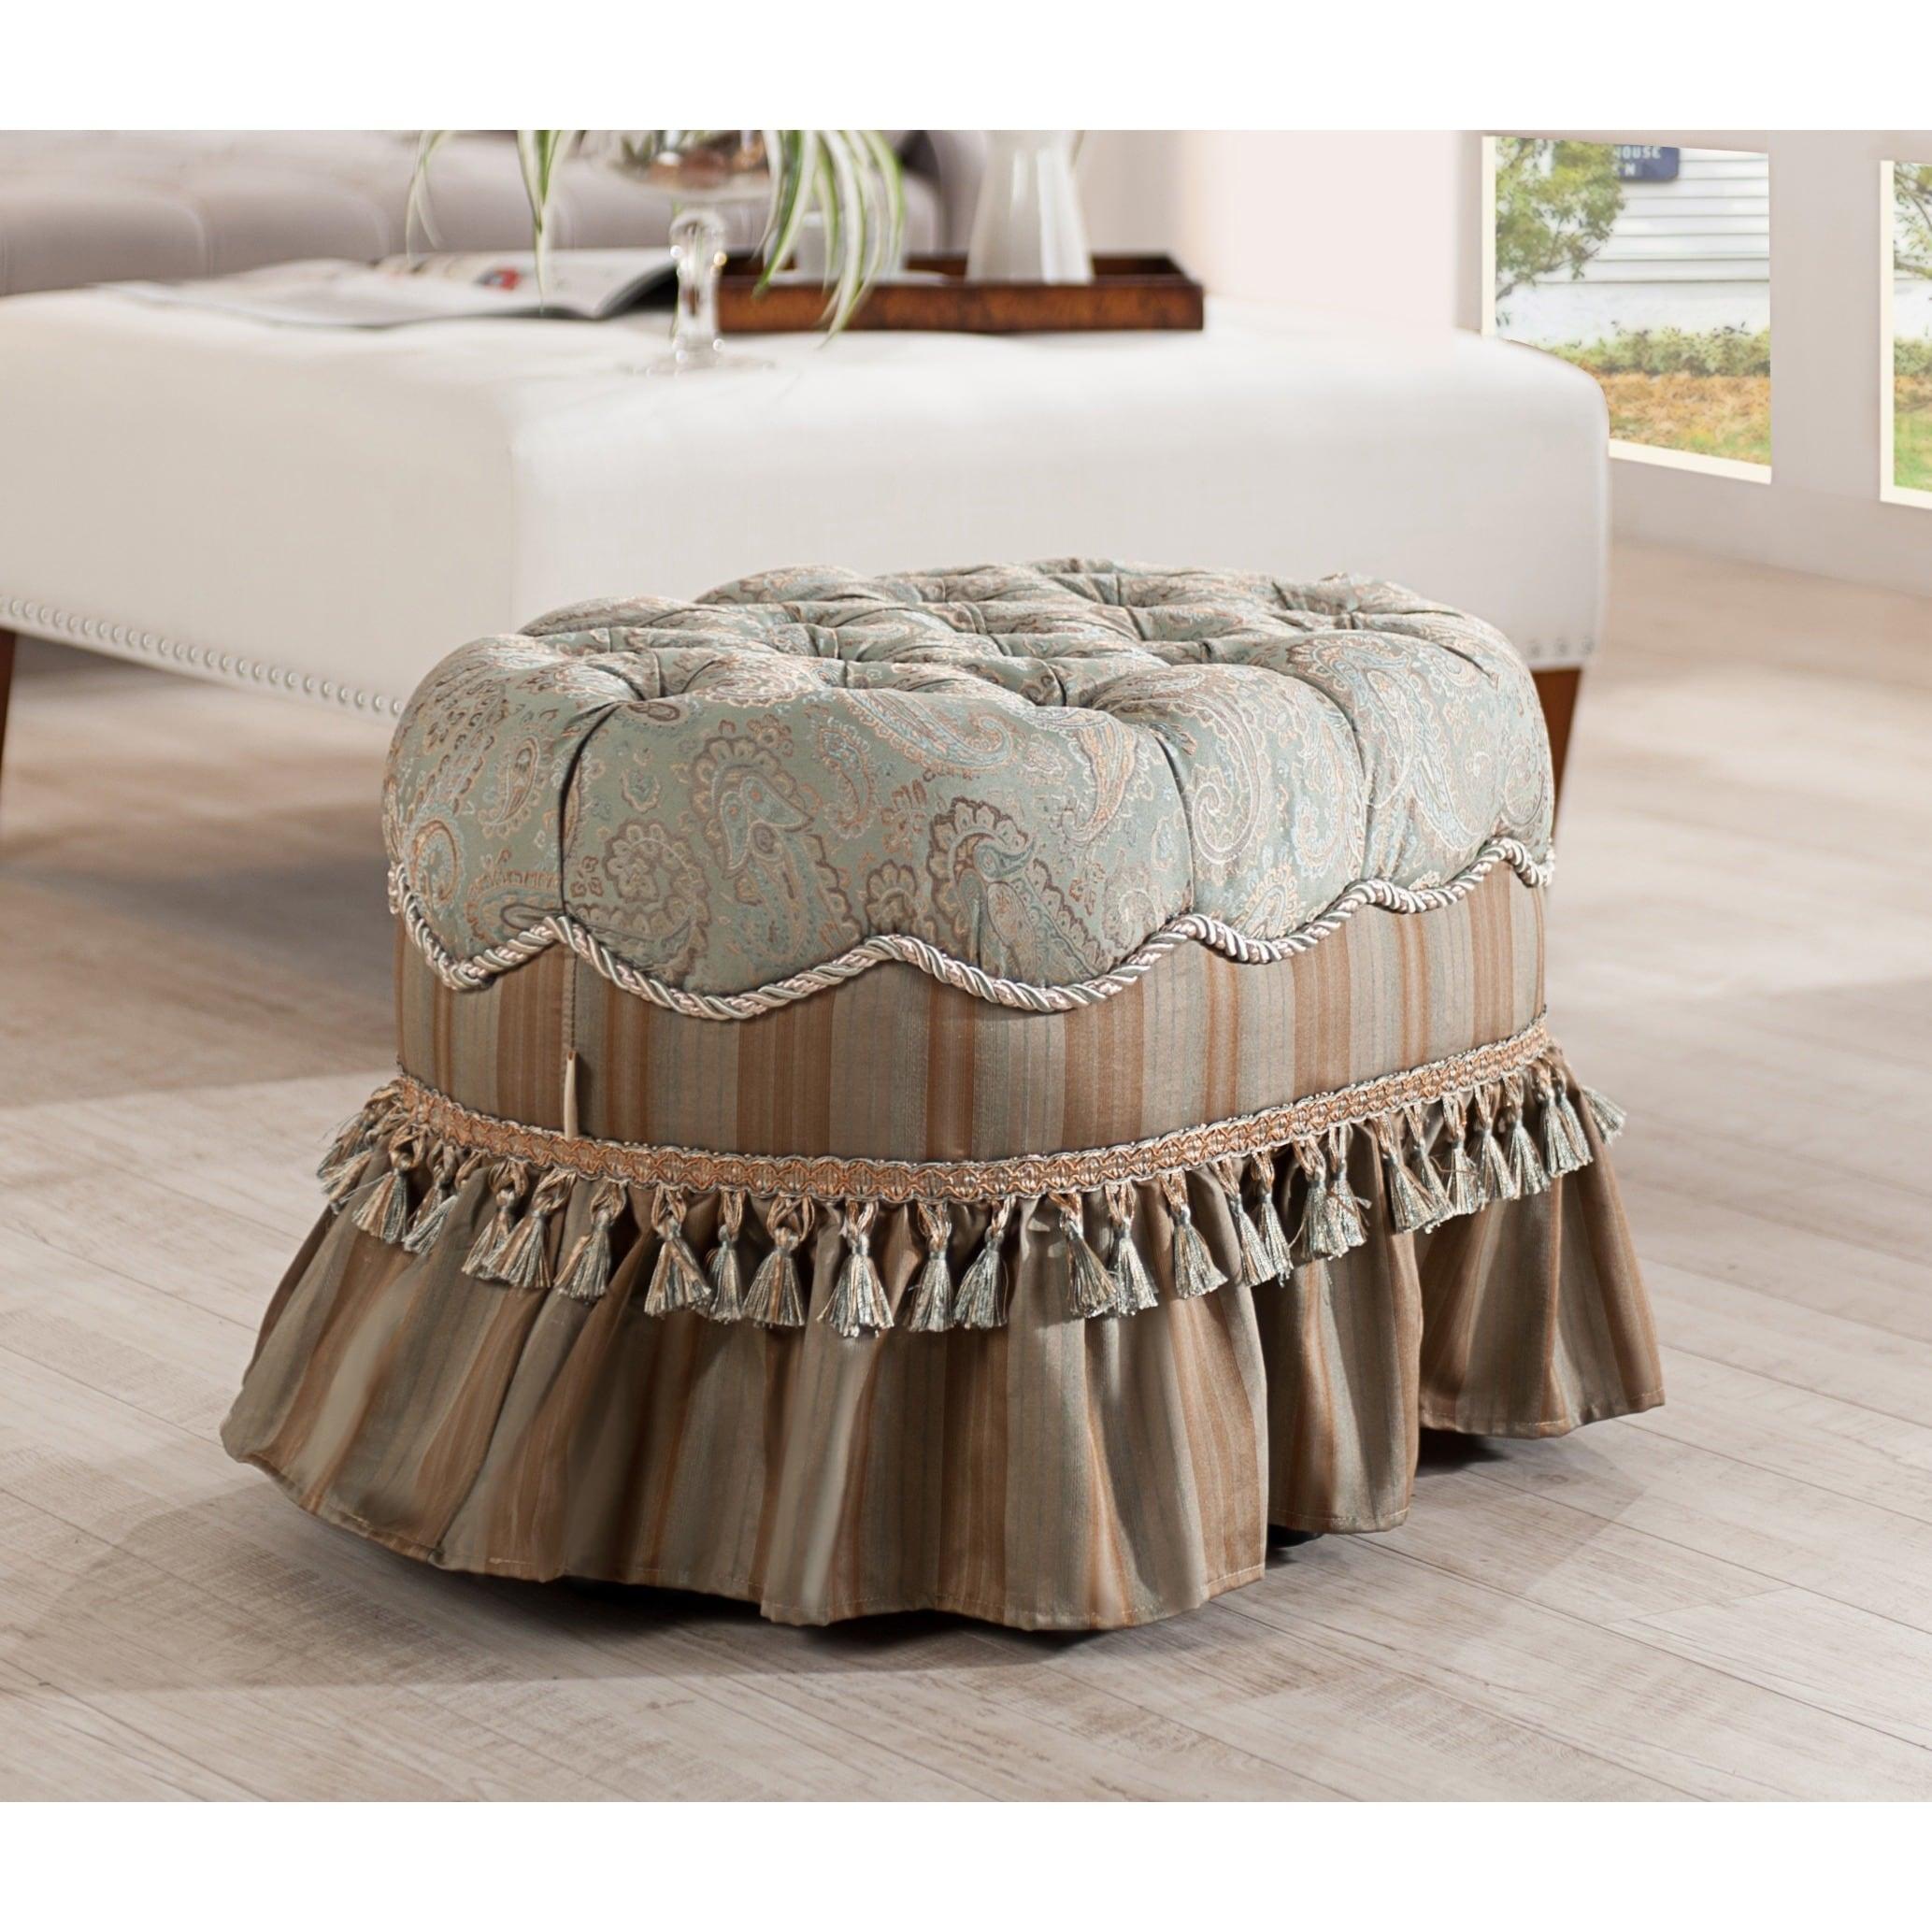 Jennifer Taylor Toby Decorative Oval Ottoman, Seamist Gre...